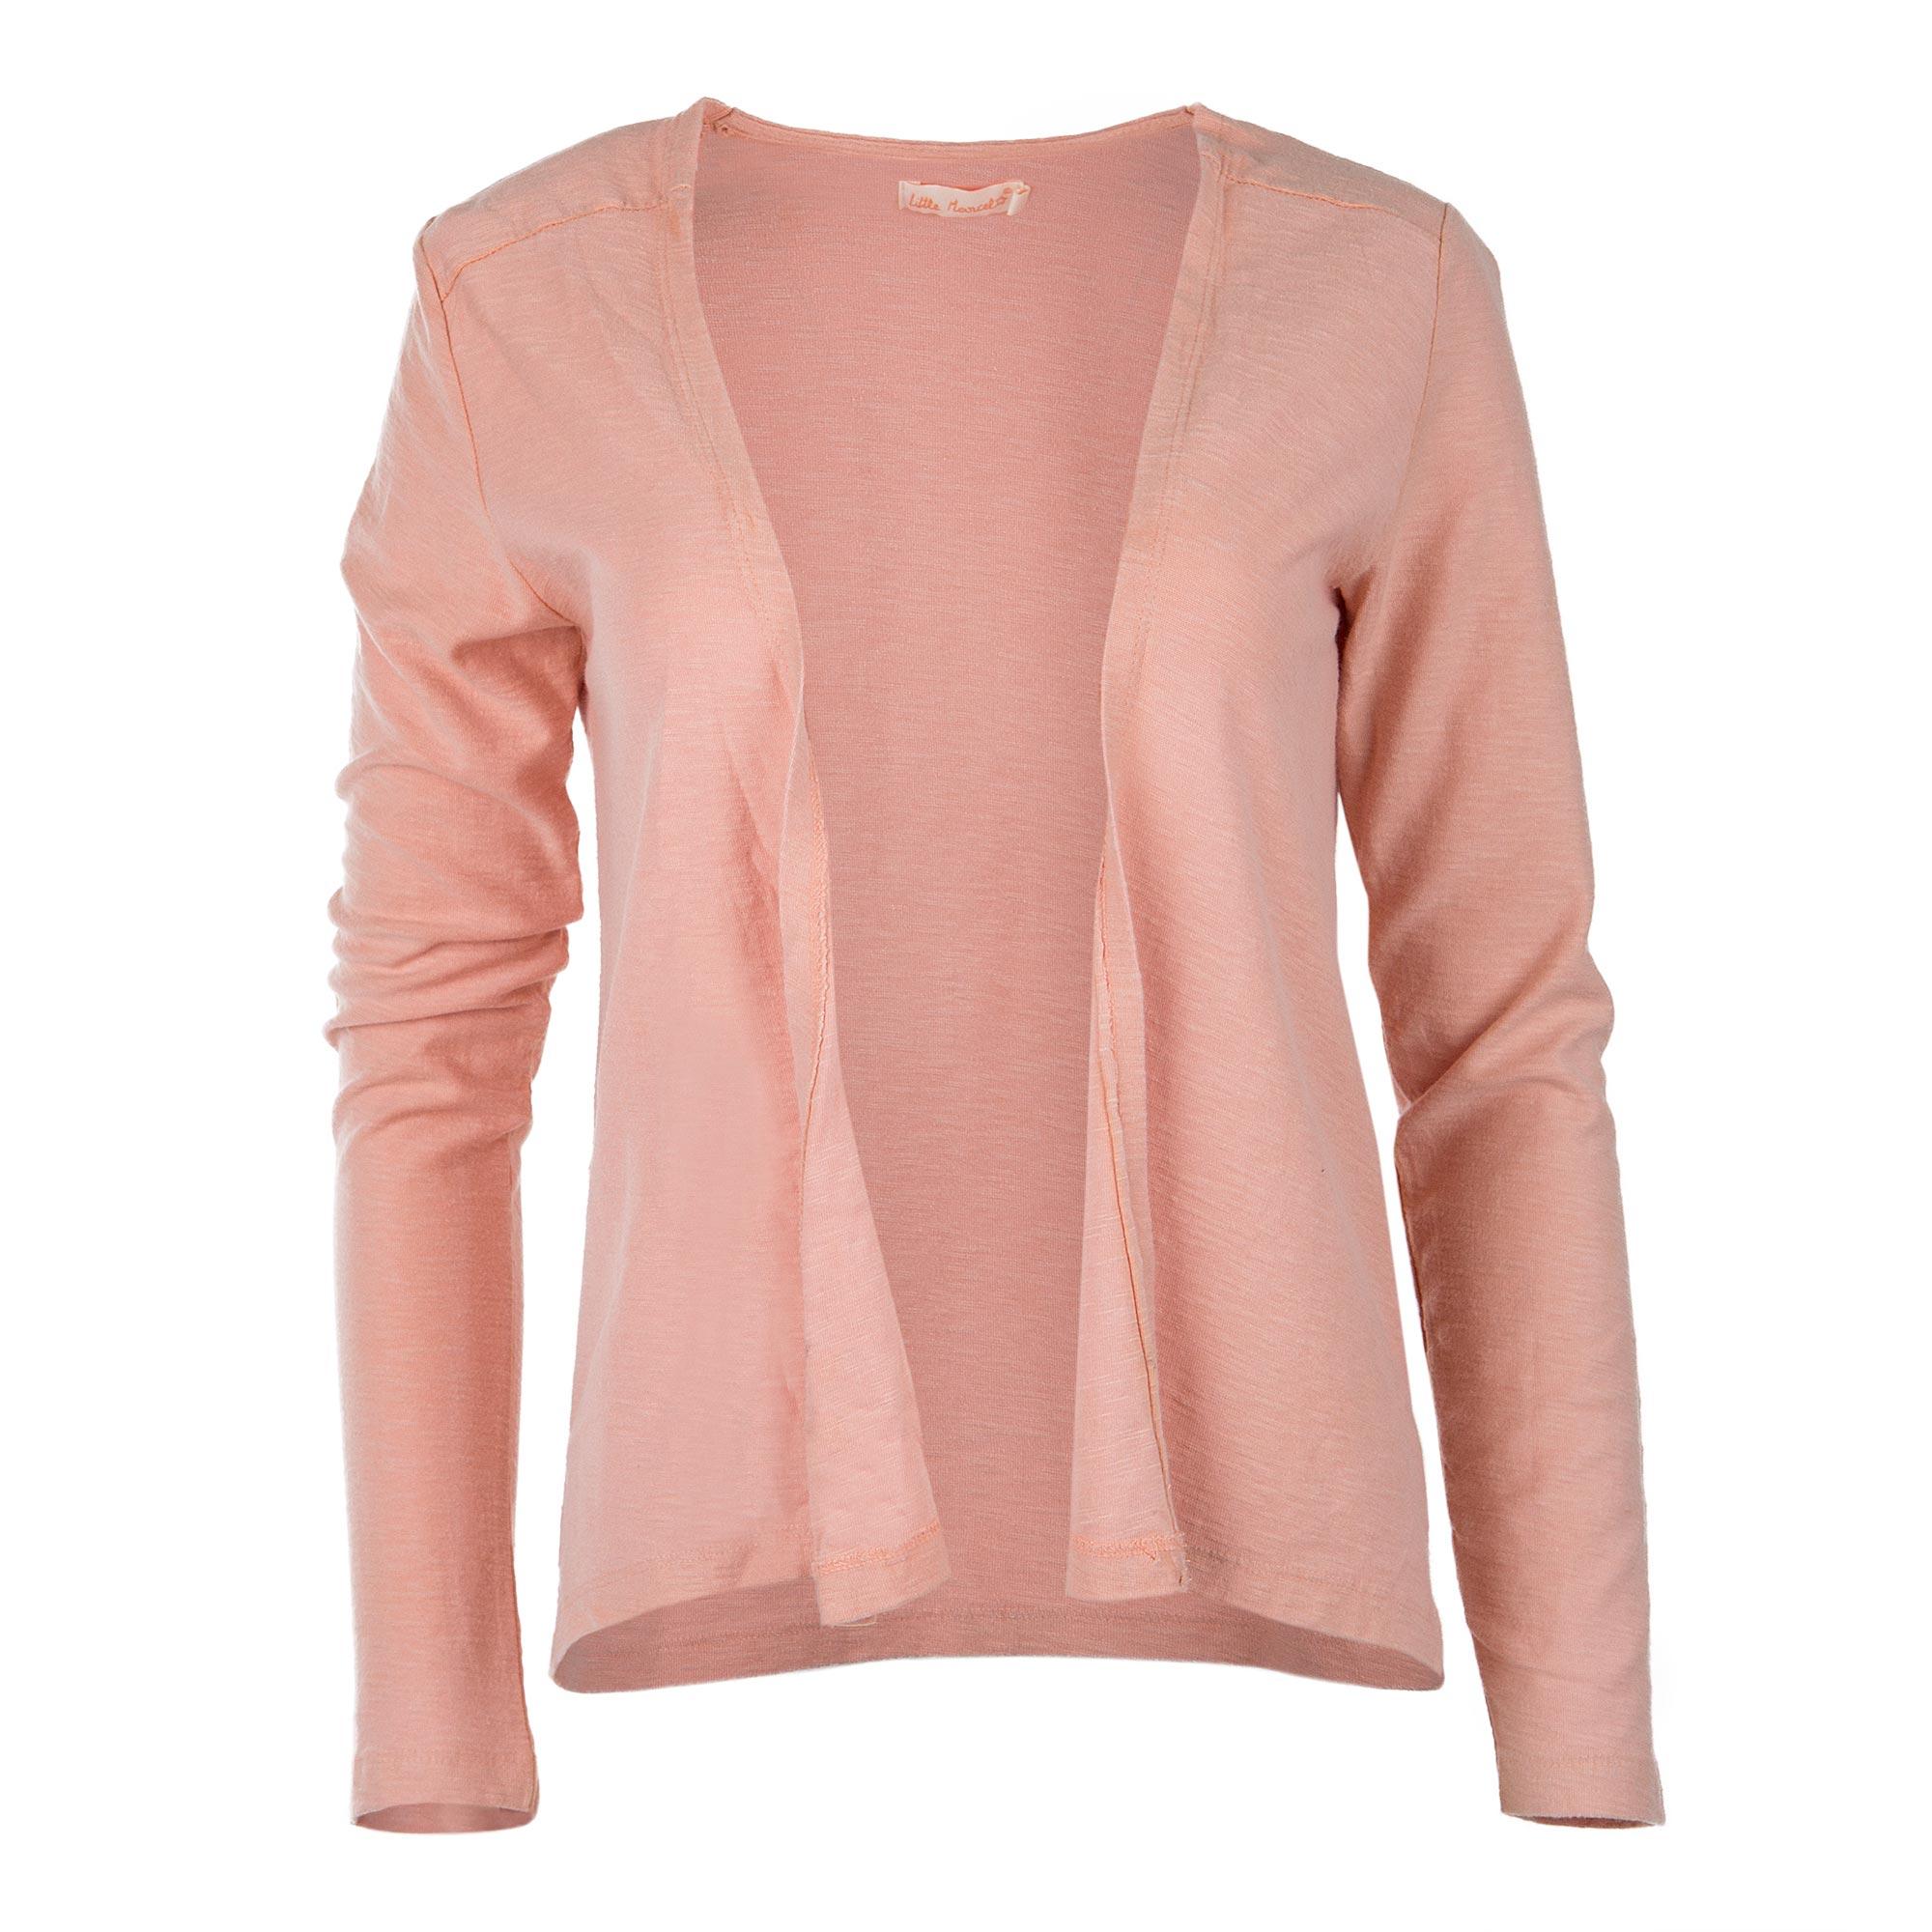 prix raisonnable vente en ligne acheter réel Gilet en coton femme LITTLE MARCEL